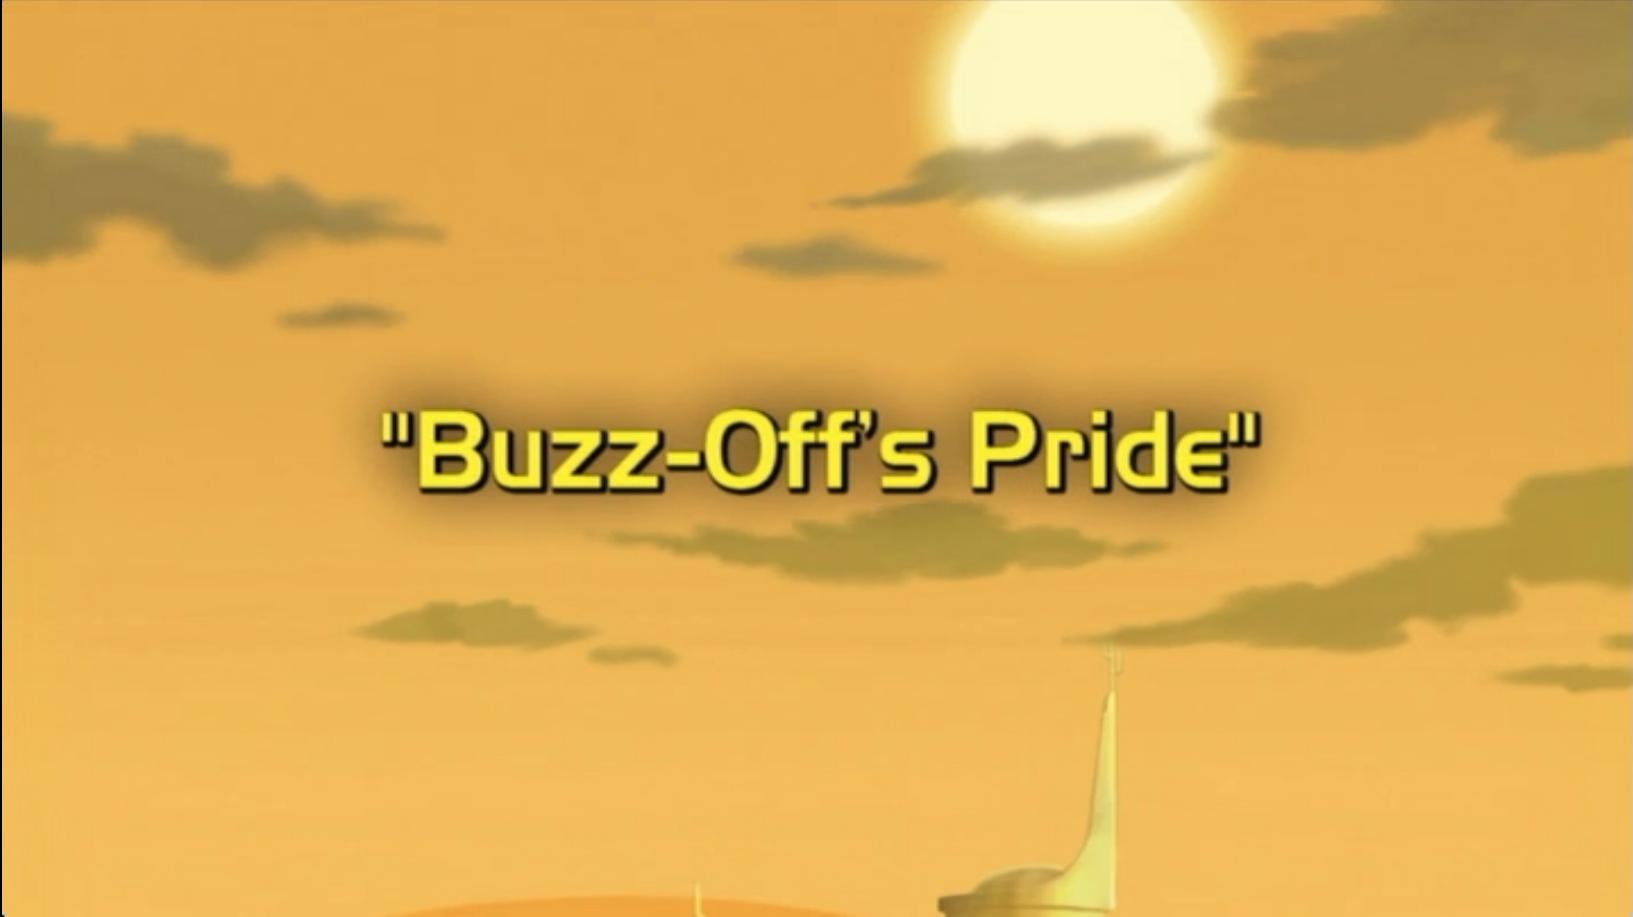 Buzz-Off's Pride